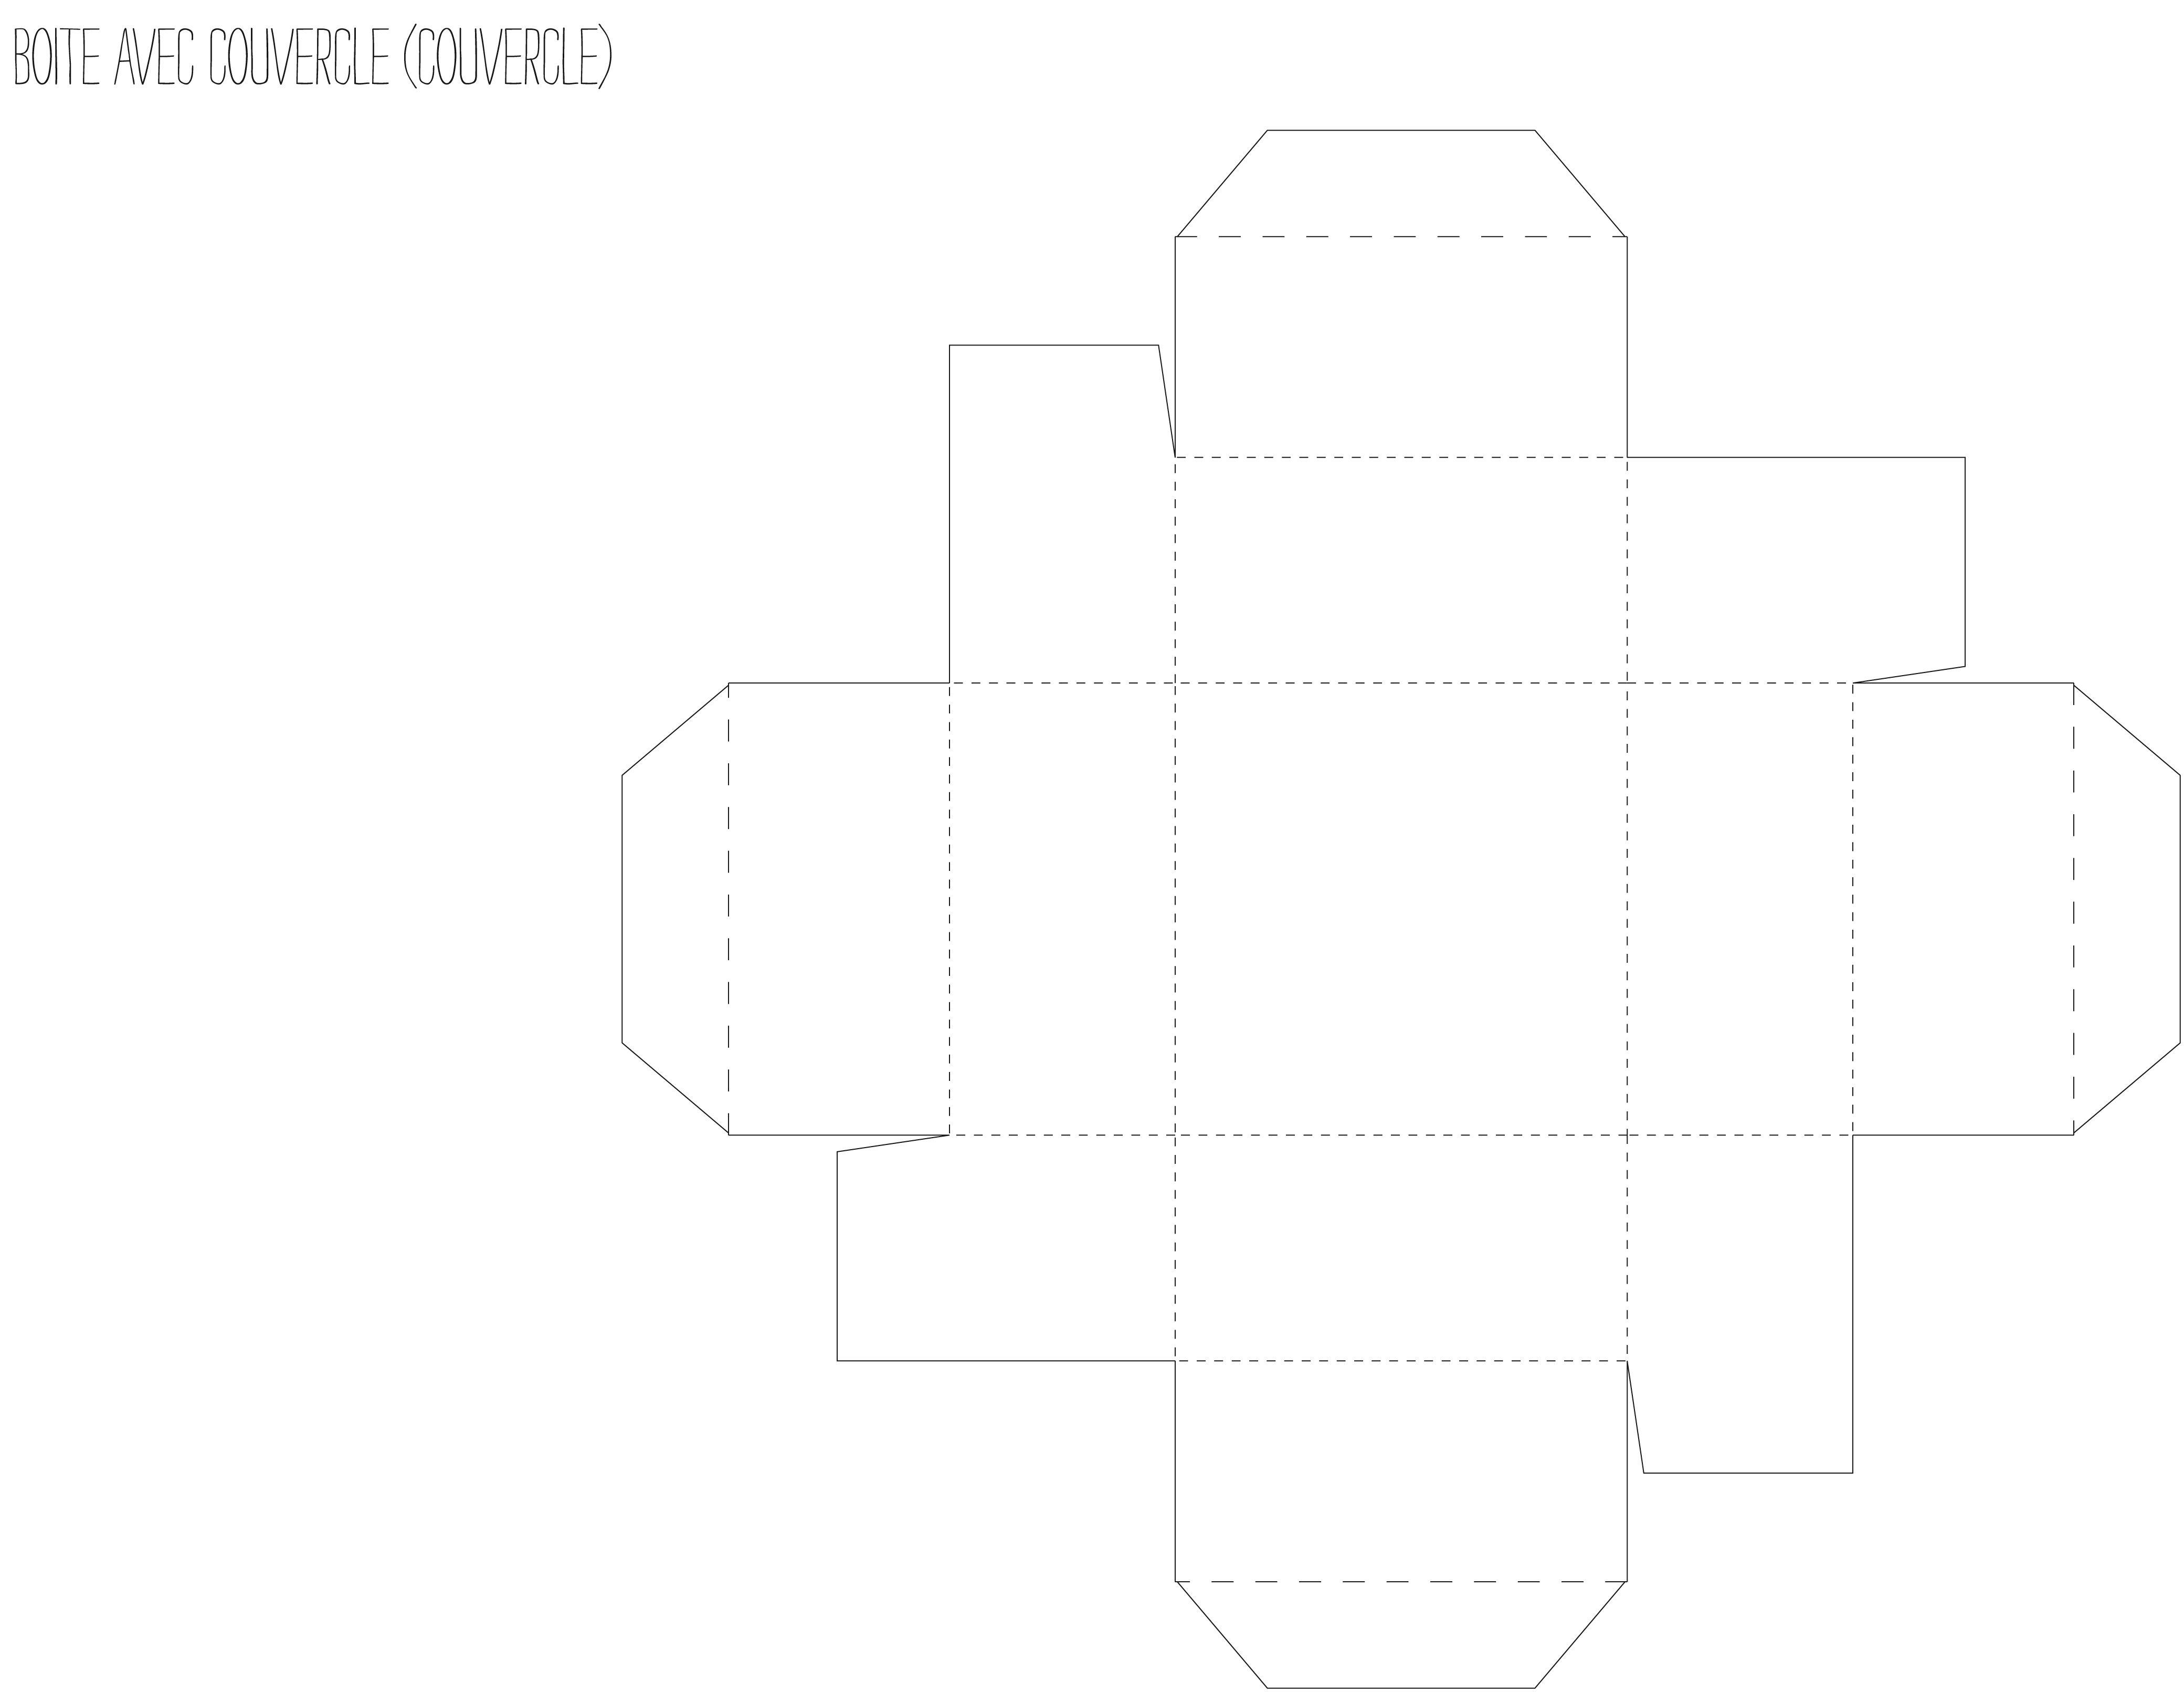 fabriquer boite carton avec couvercle images art artisanat pinterest couvercle boite. Black Bedroom Furniture Sets. Home Design Ideas